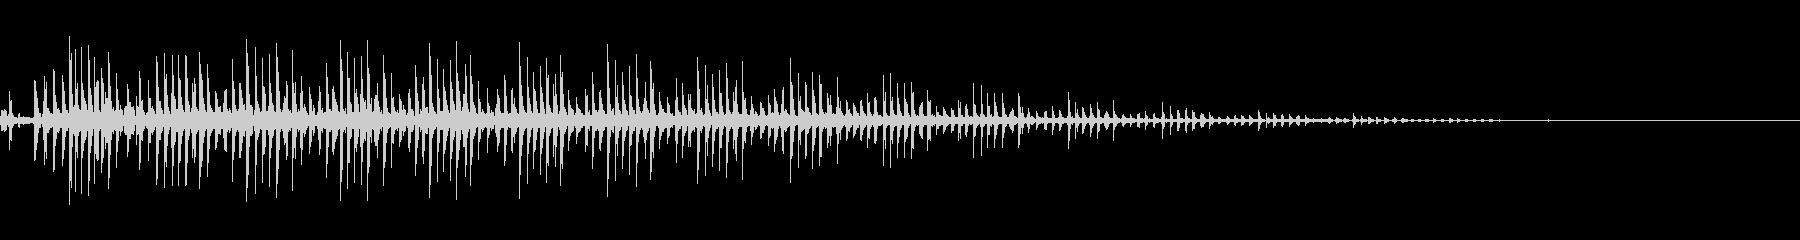 ゼンマイ・ギアを回す(カリカリ)の未再生の波形